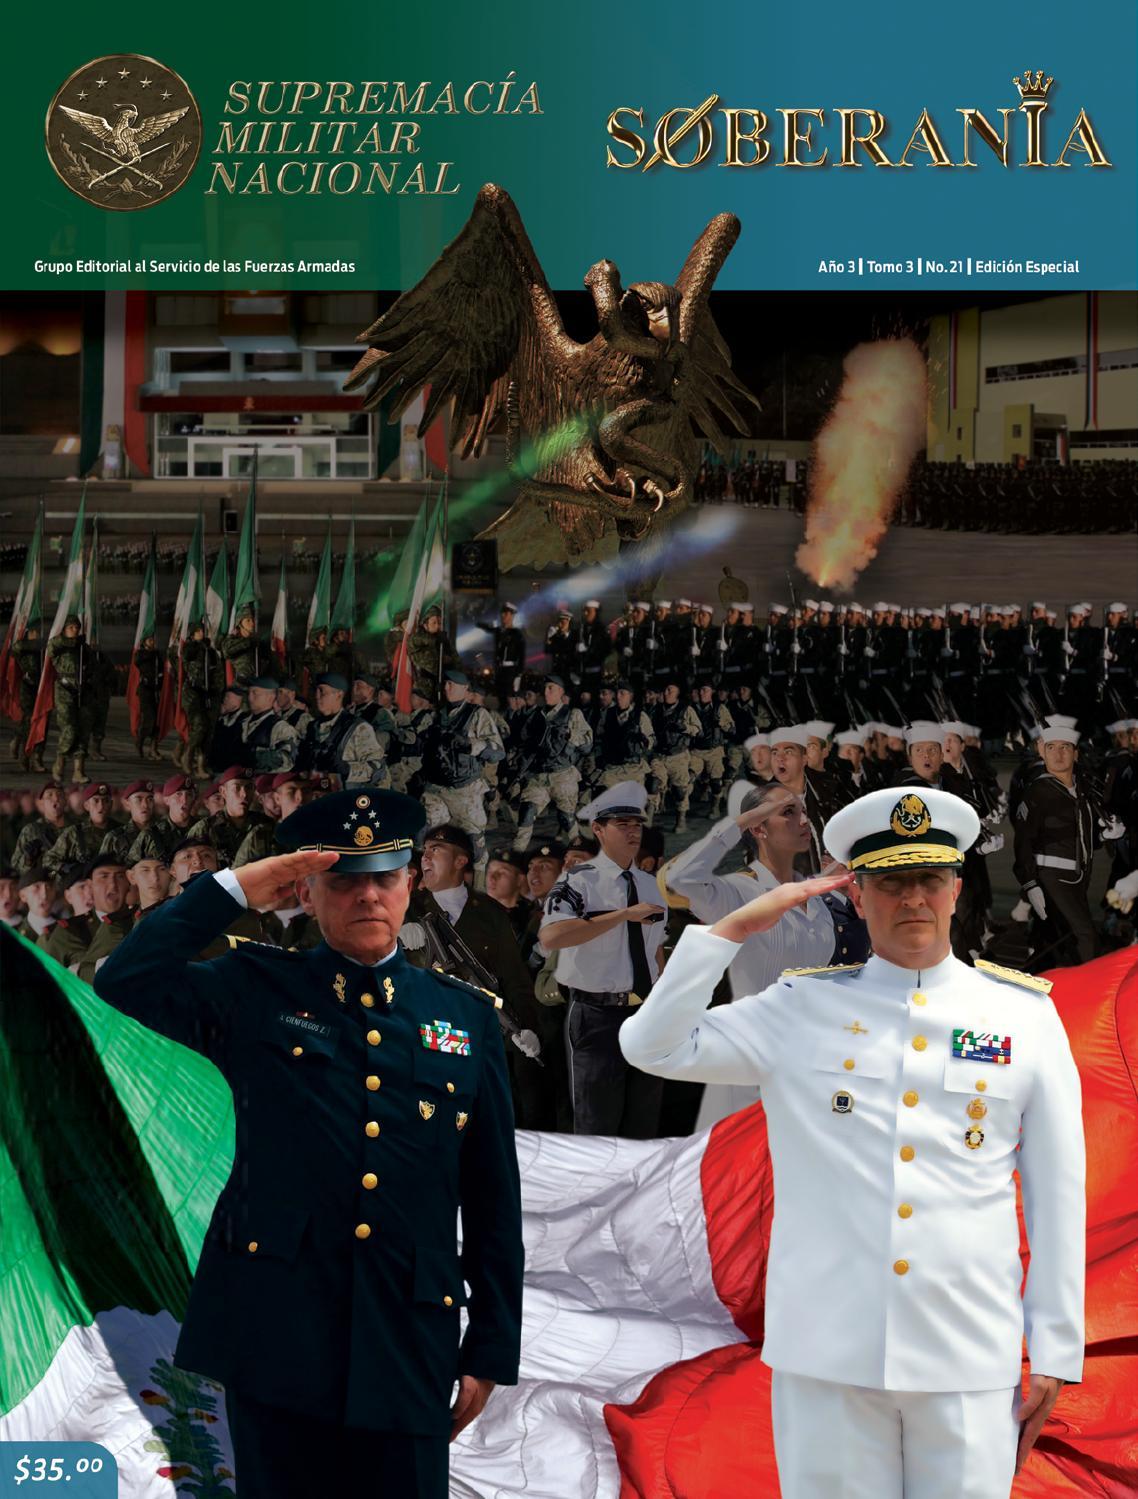 Soberanía / Supremacía Militar Nacional 21 by Soberanía - issuu